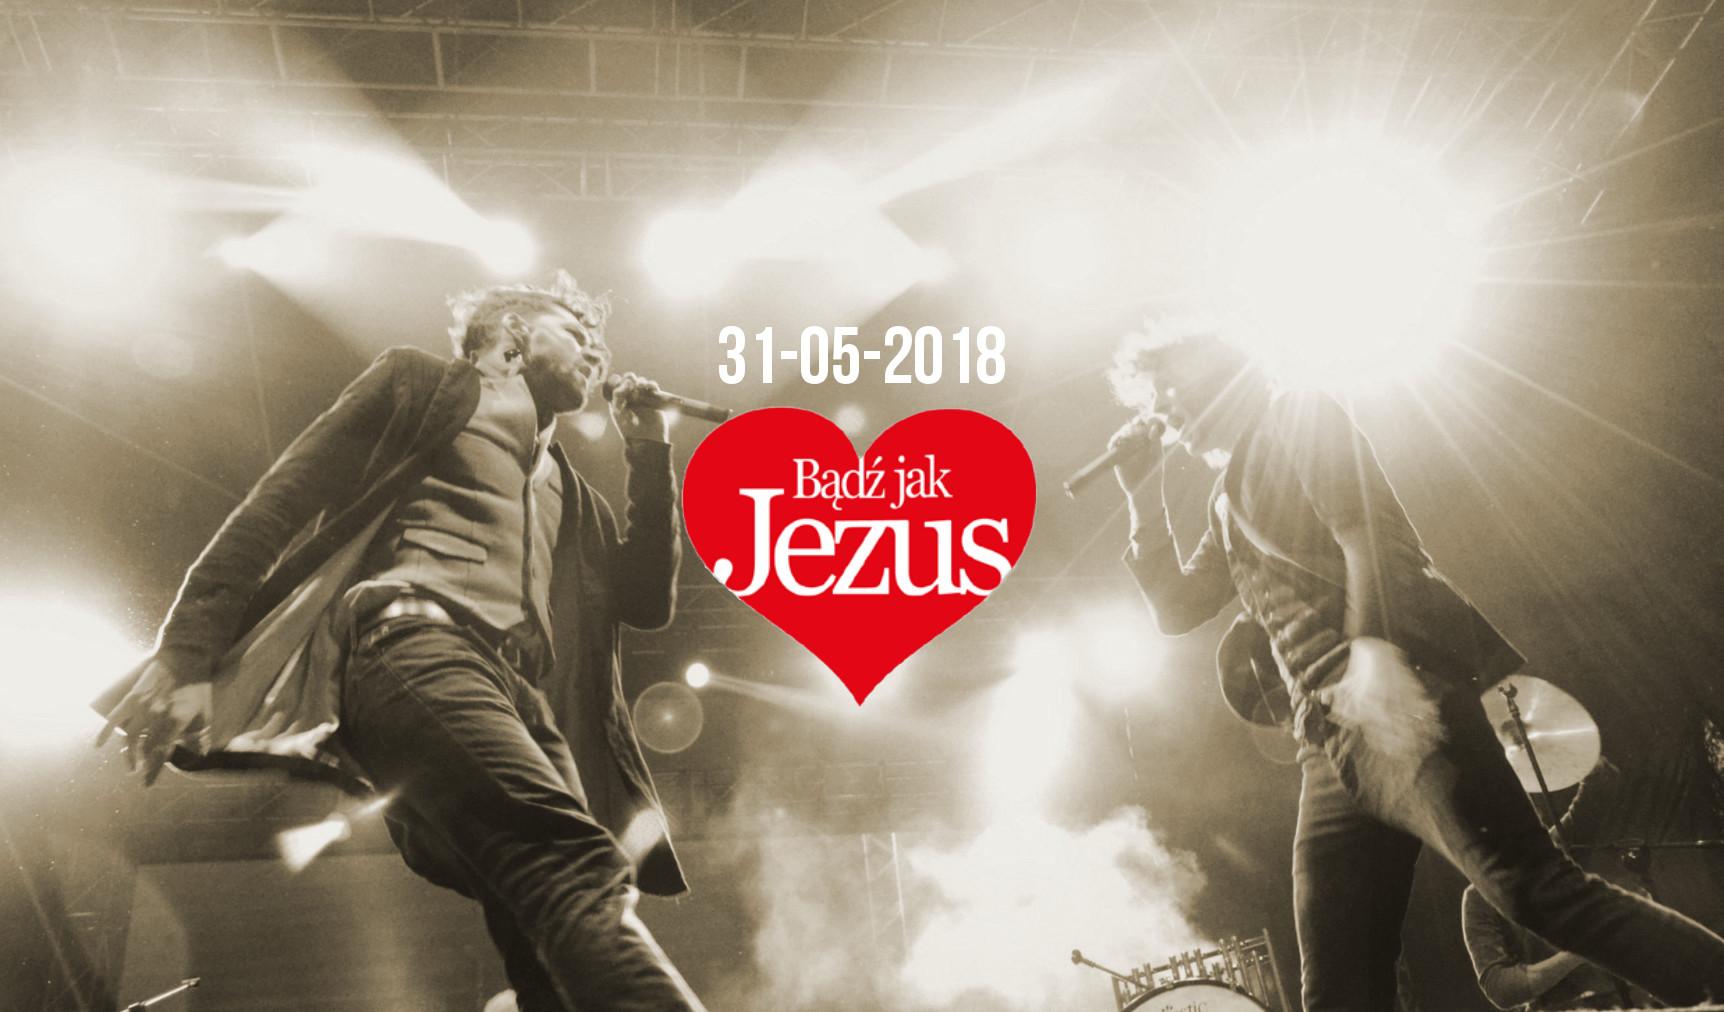 Bądź jak Jezus 2018 - line up